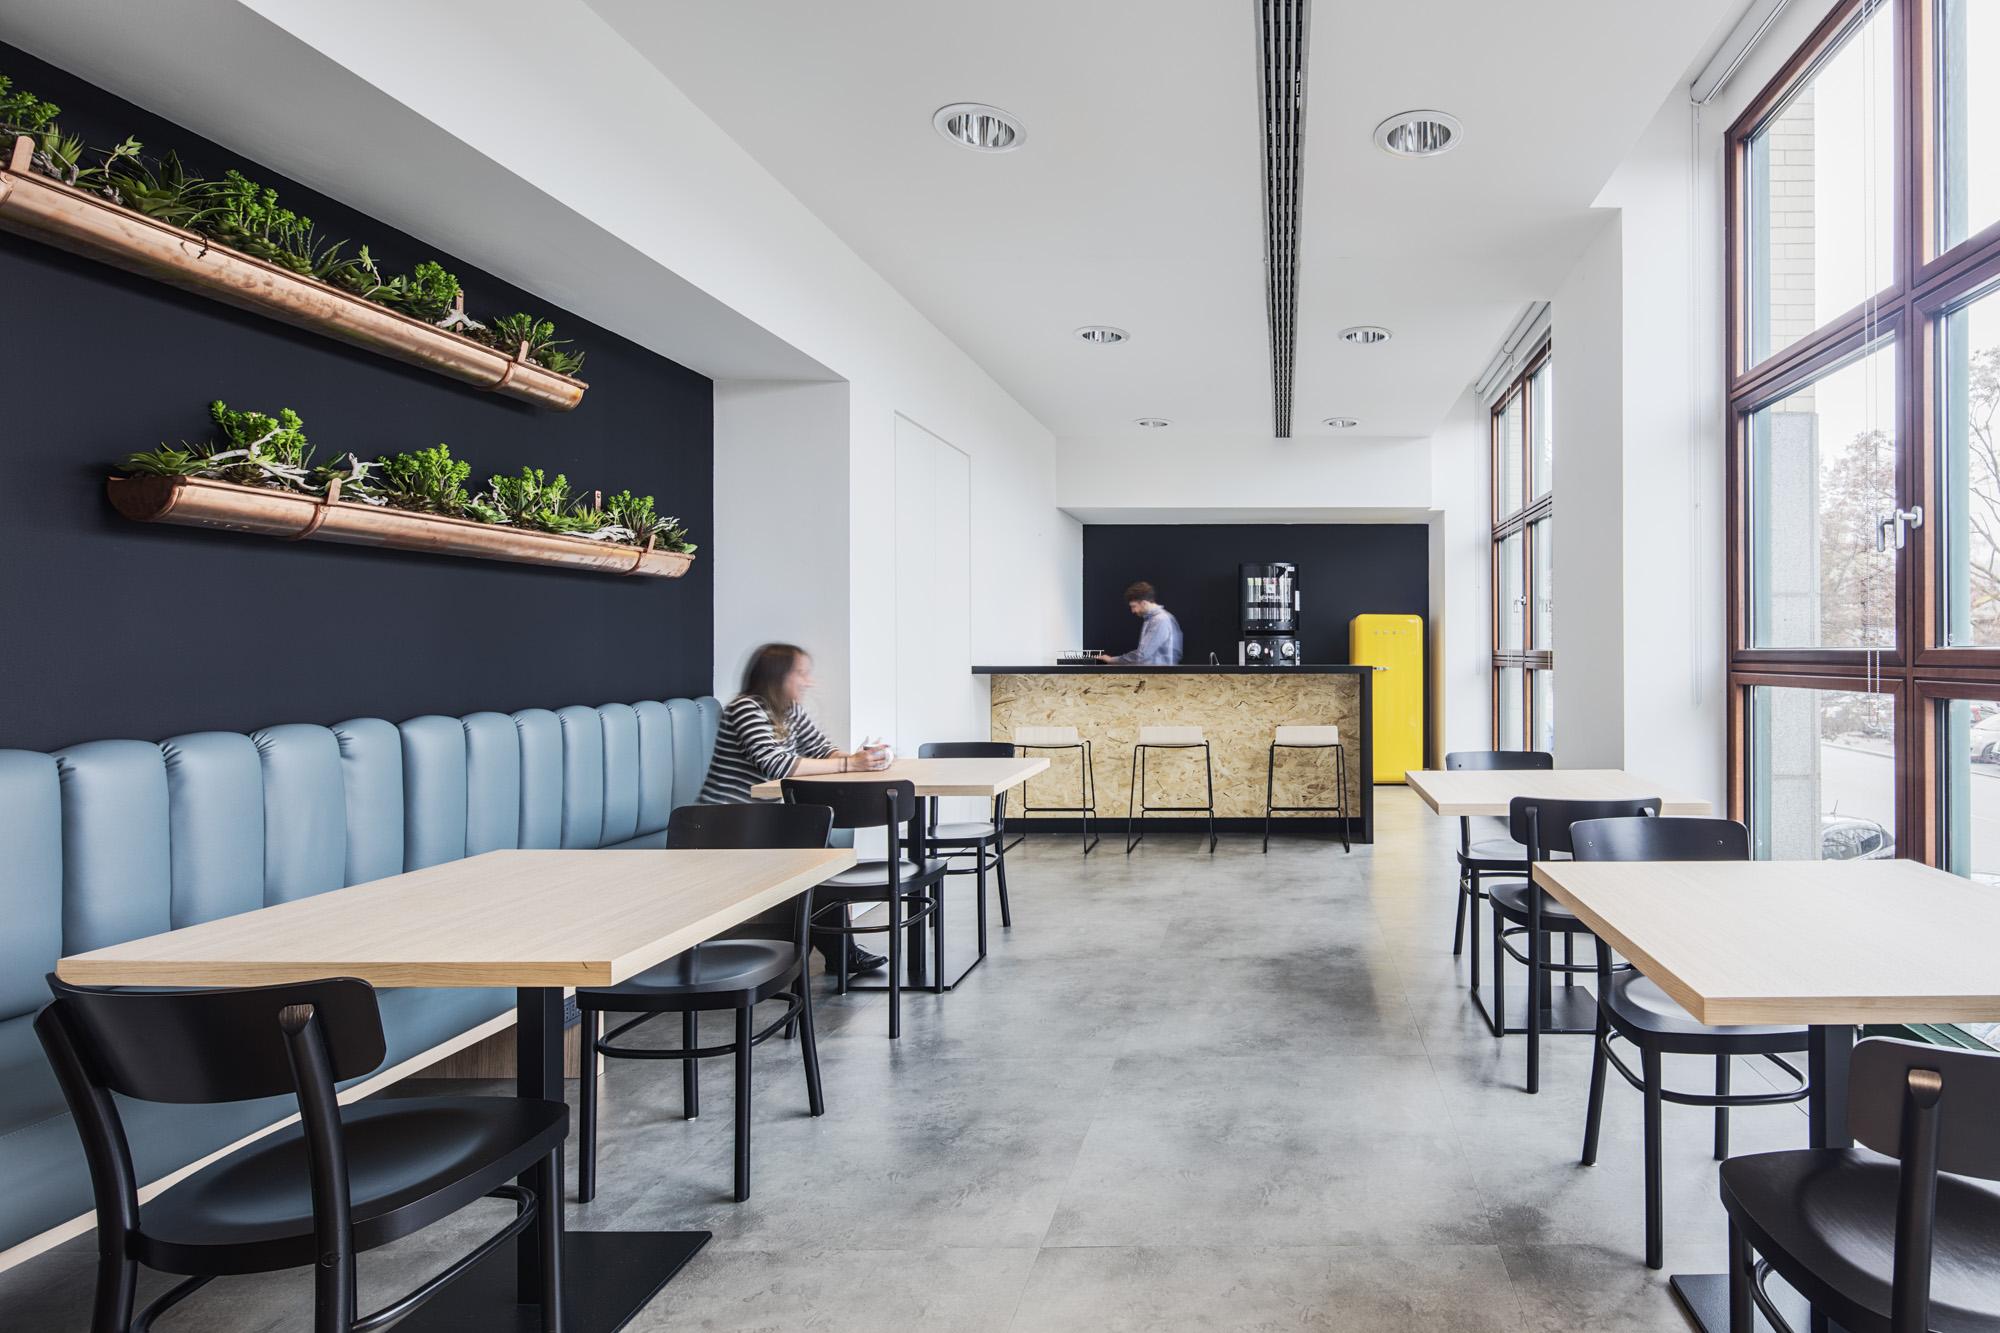 Zebra Office - Tétris Milano - Foto di Davide Galli, fotografo di Architettura e Interni a Milano